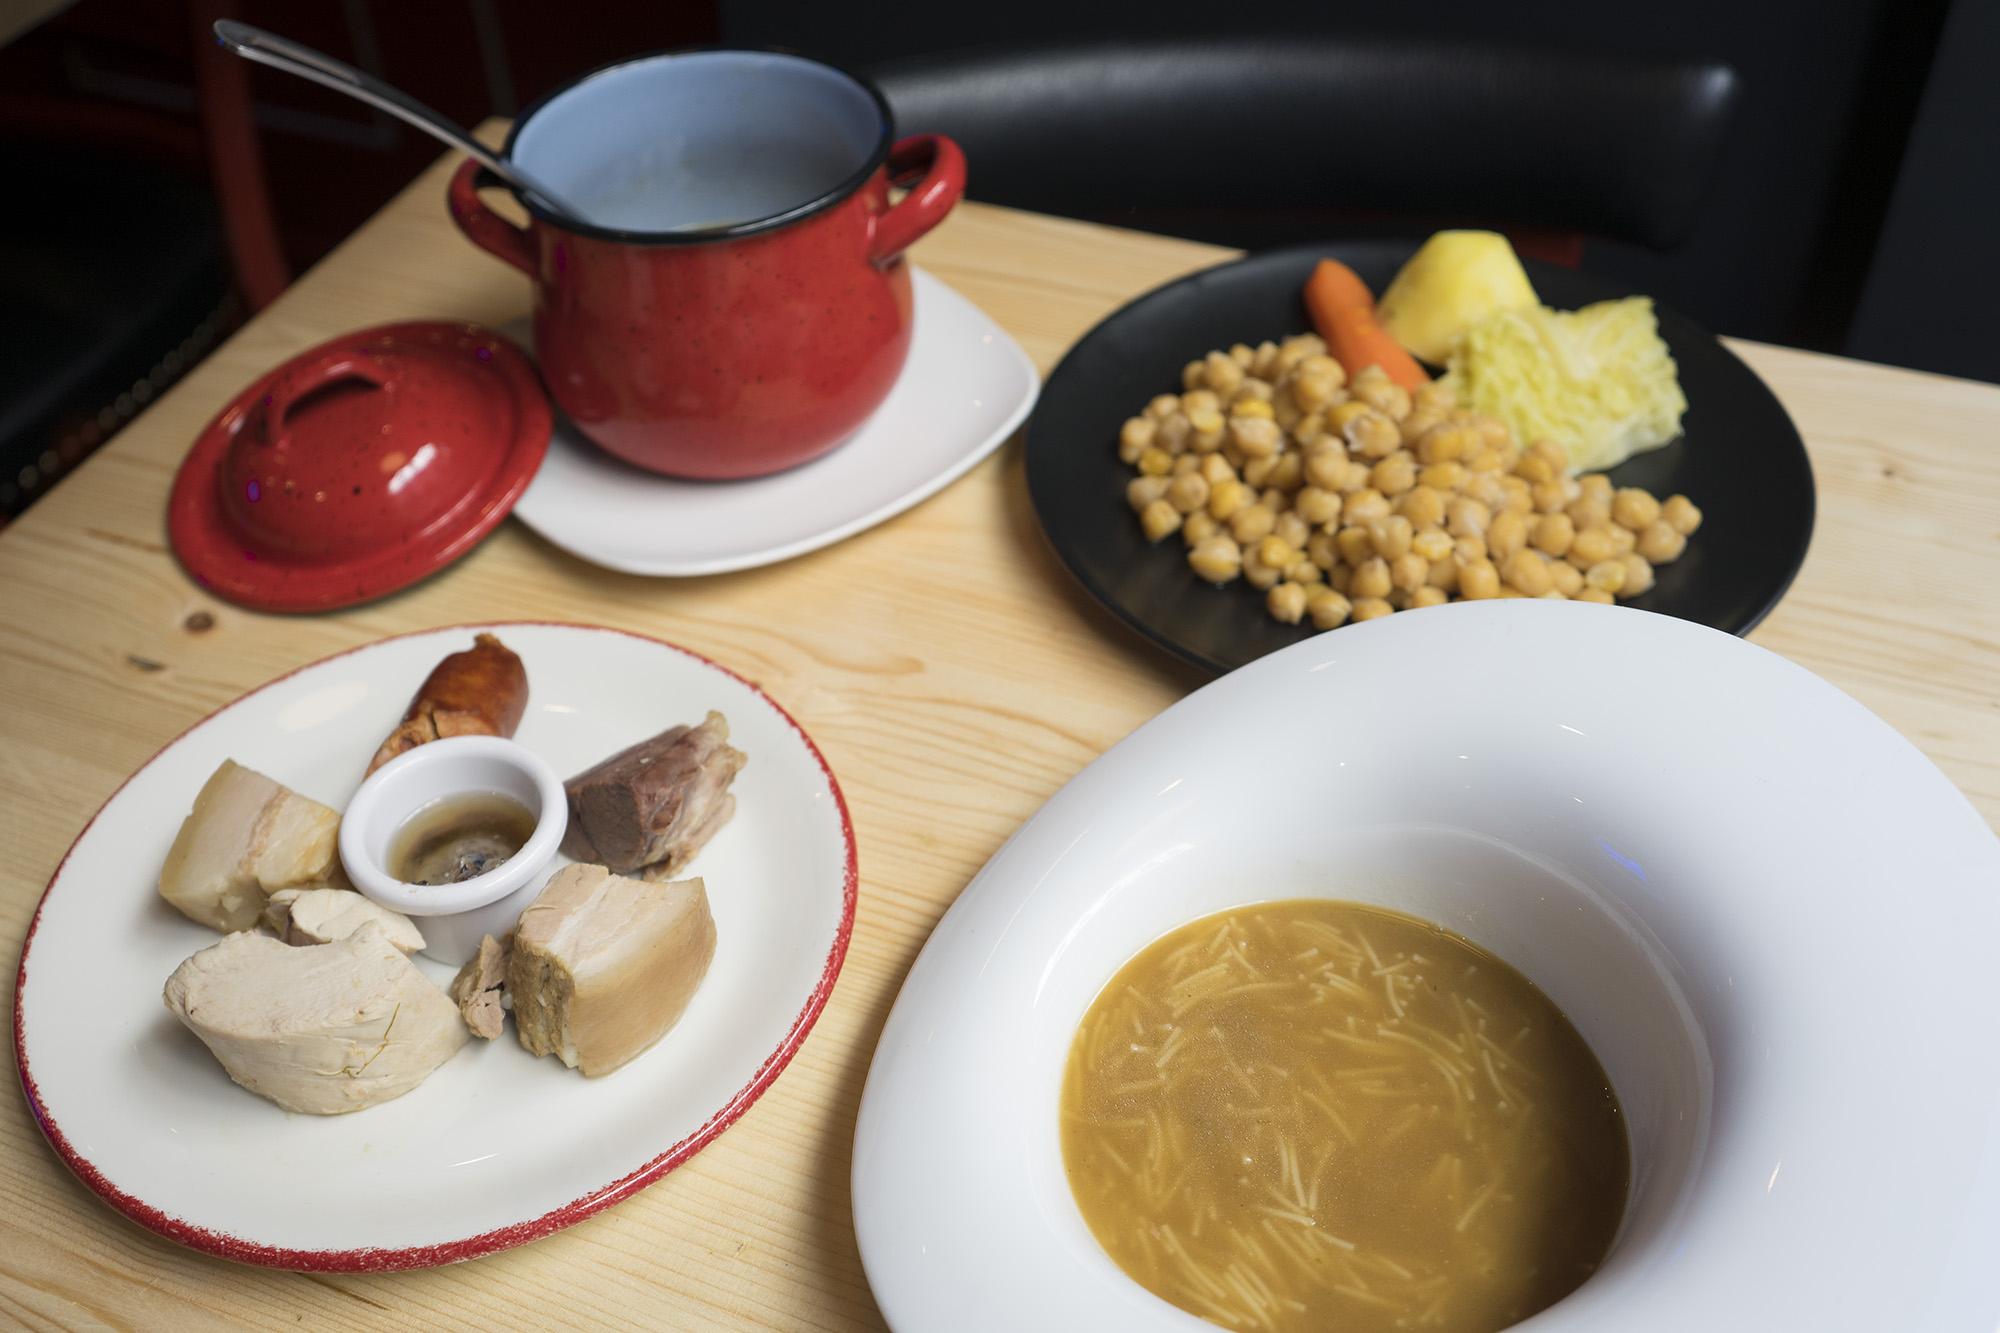 El caldo del cocido es la esencia de varios platos en la taberna 'Los Delgado'.